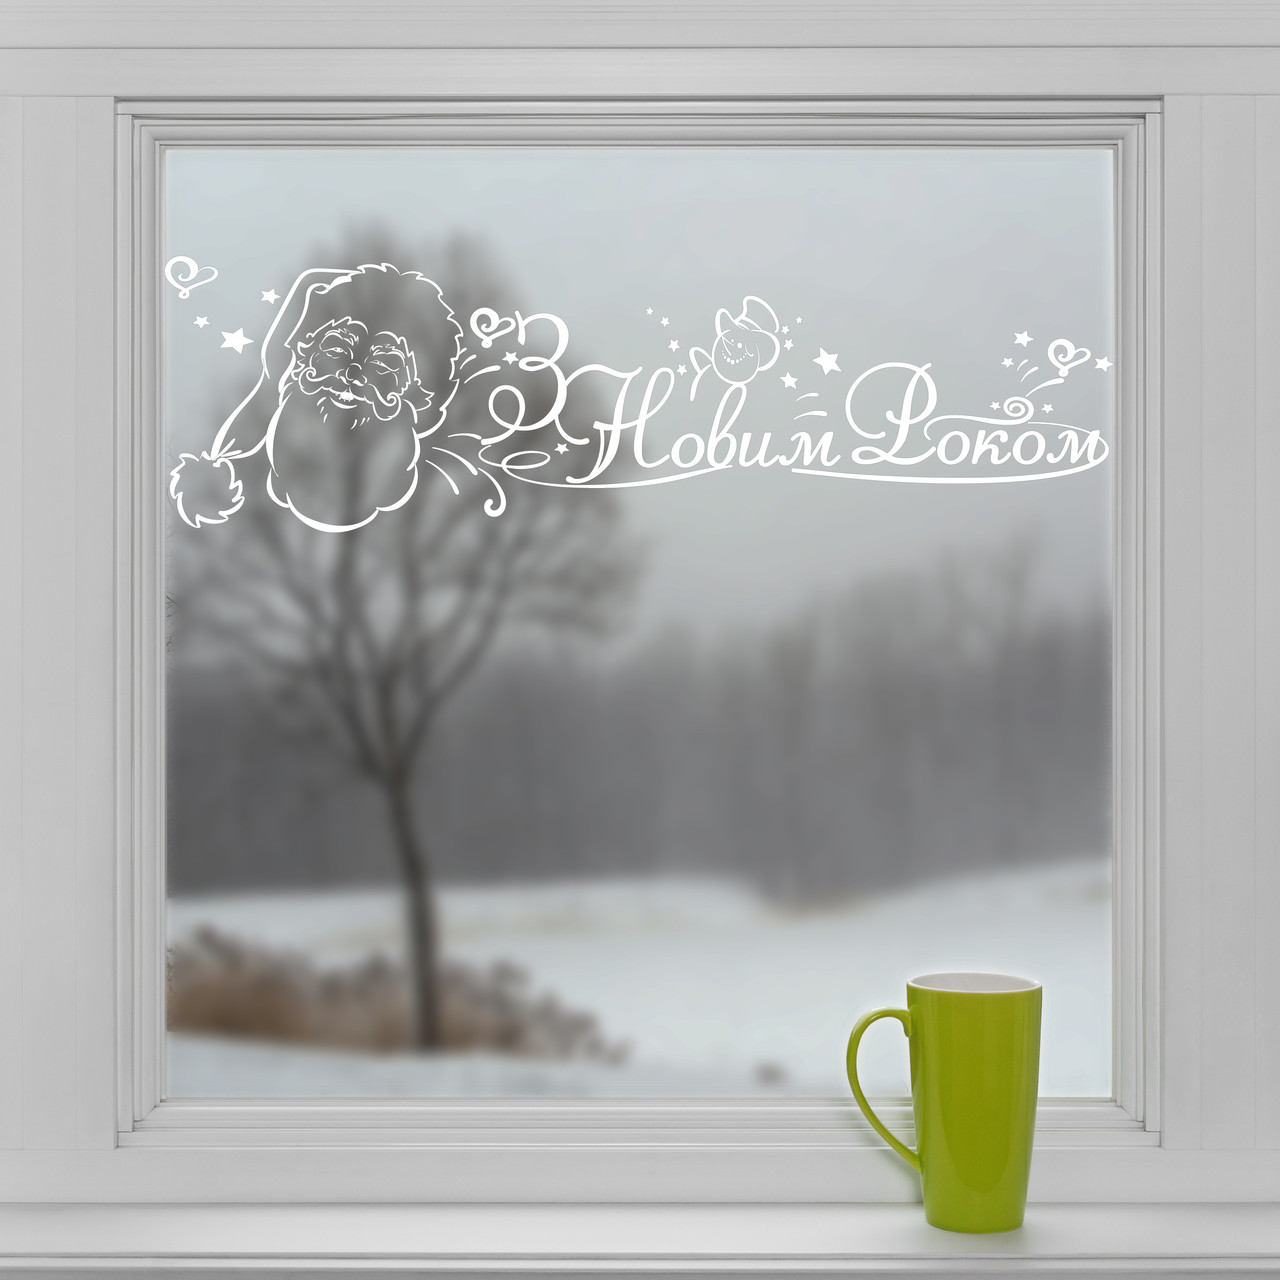 Наклейка З Новим Роком! 800х230 мм (белый) Новогодняя виниловая наклейка ( новый год 2021, наклейки, украшение